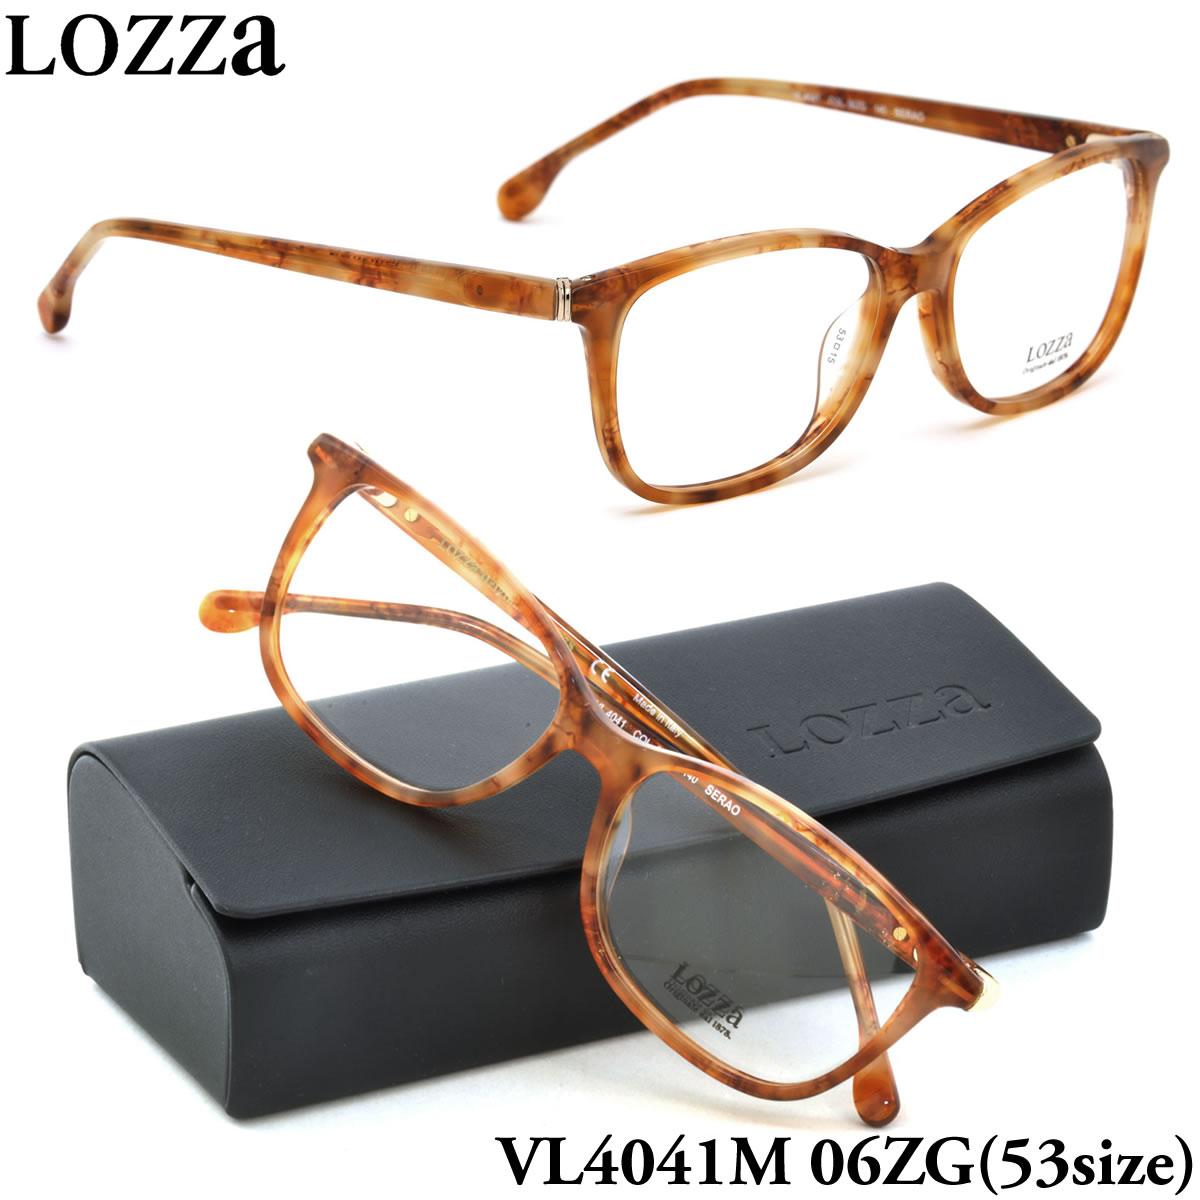 ポイント最大46倍お買い物マラソン8/4 20時スタート!!お得なクーポンも 【LOZZA】ロッツァ 眼鏡 メガネ フレーム VL4041M 06ZG 53サイズ SERAO ボストン メンズ レディース